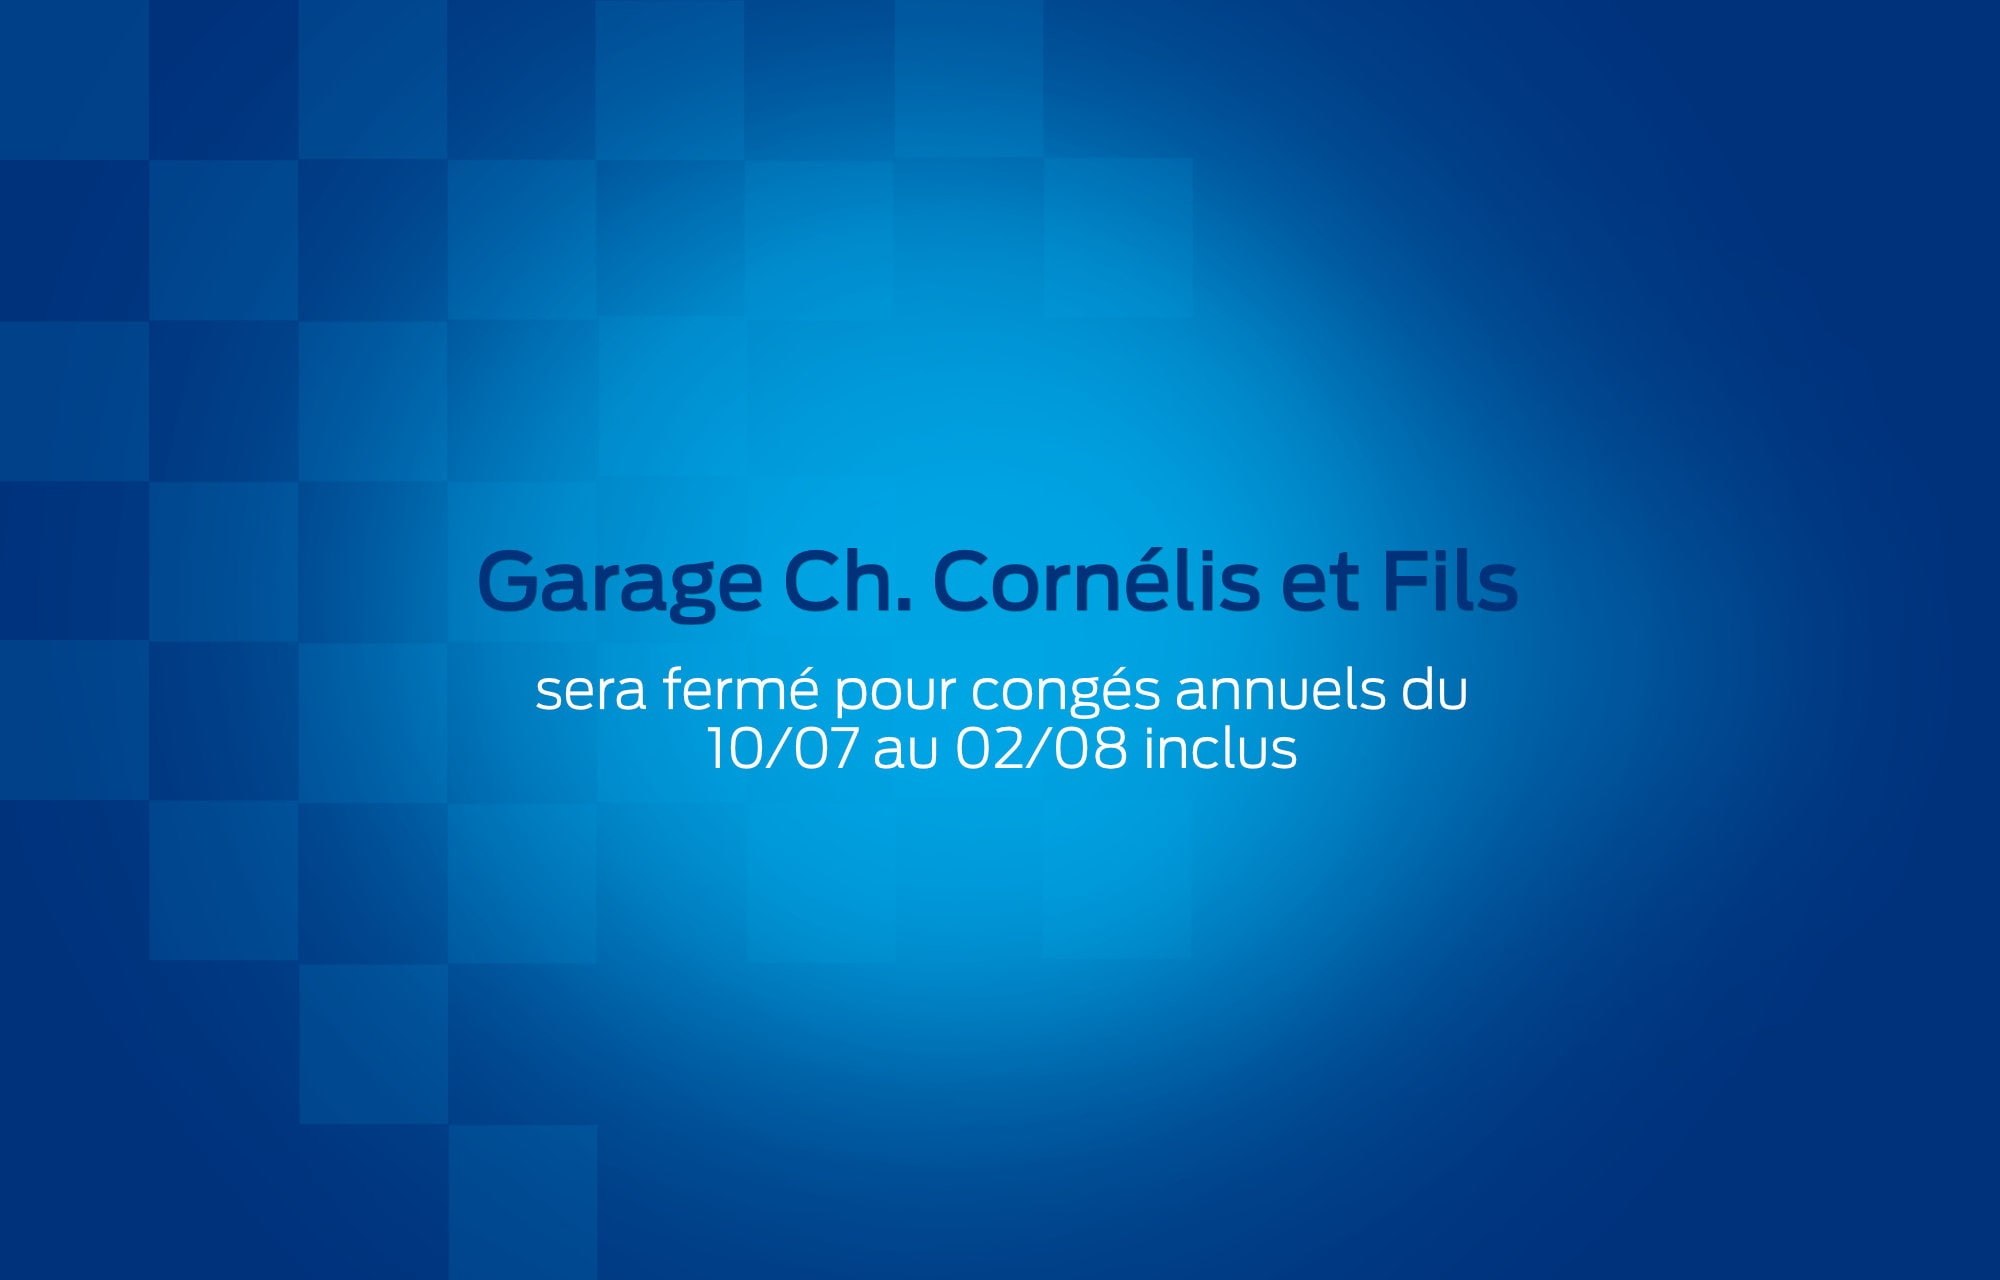 Le Garage Ch. Cornélis et Fils part en vacances